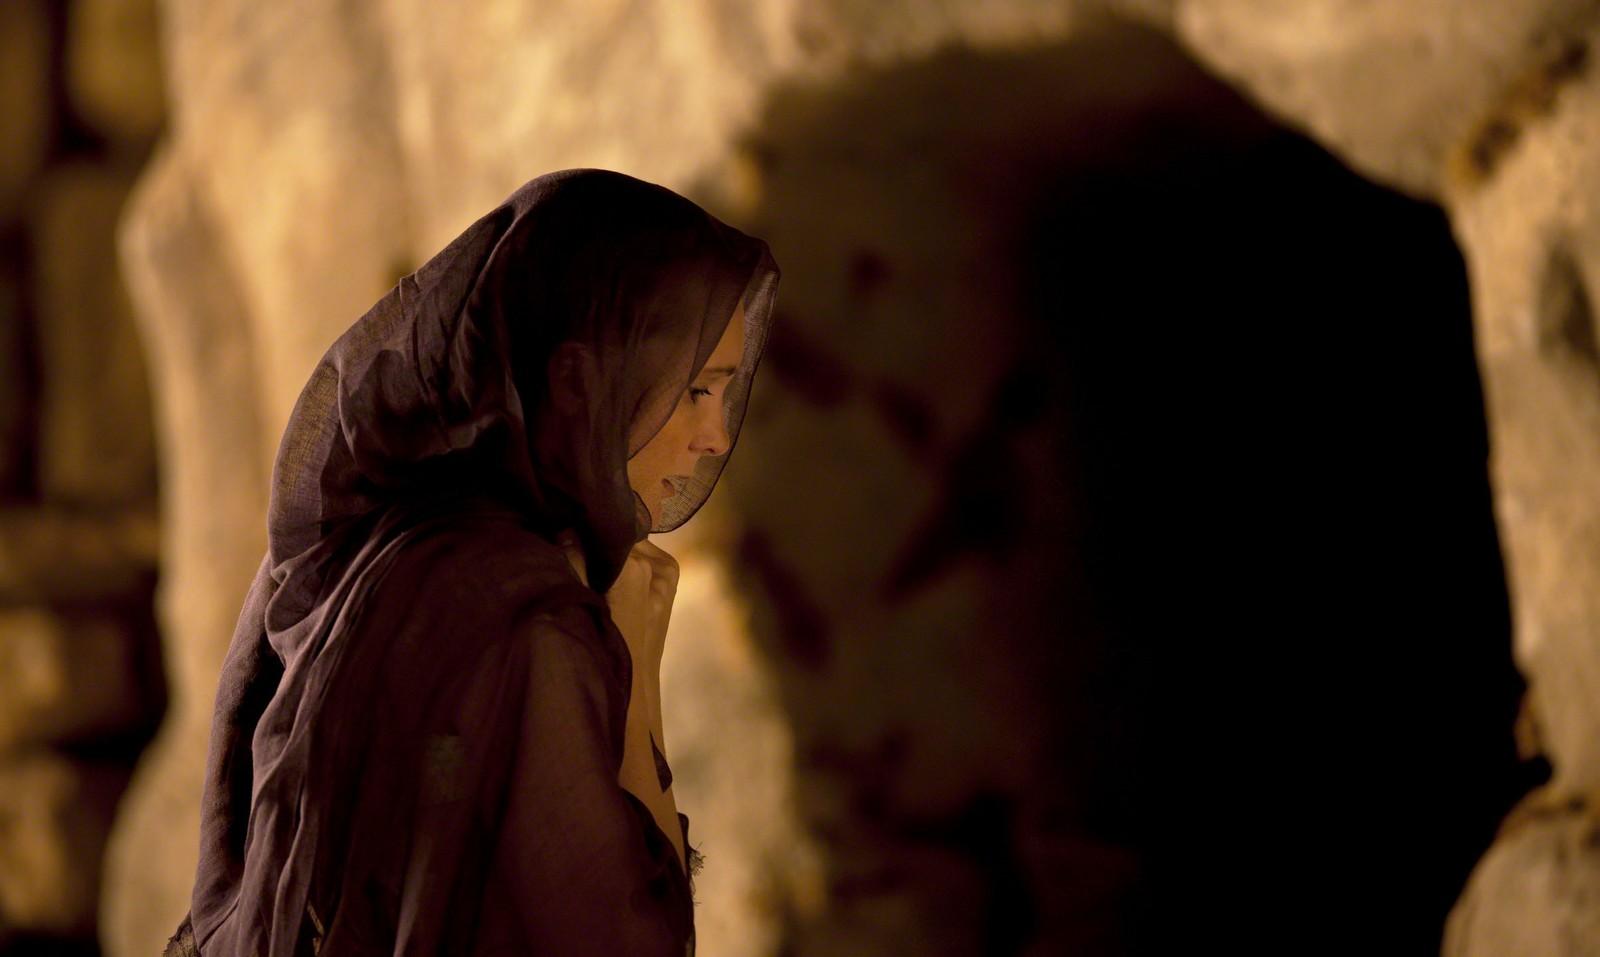 ¿Qué Sucede luego del Domingo de Resurrección, en la Octava de Pascua?